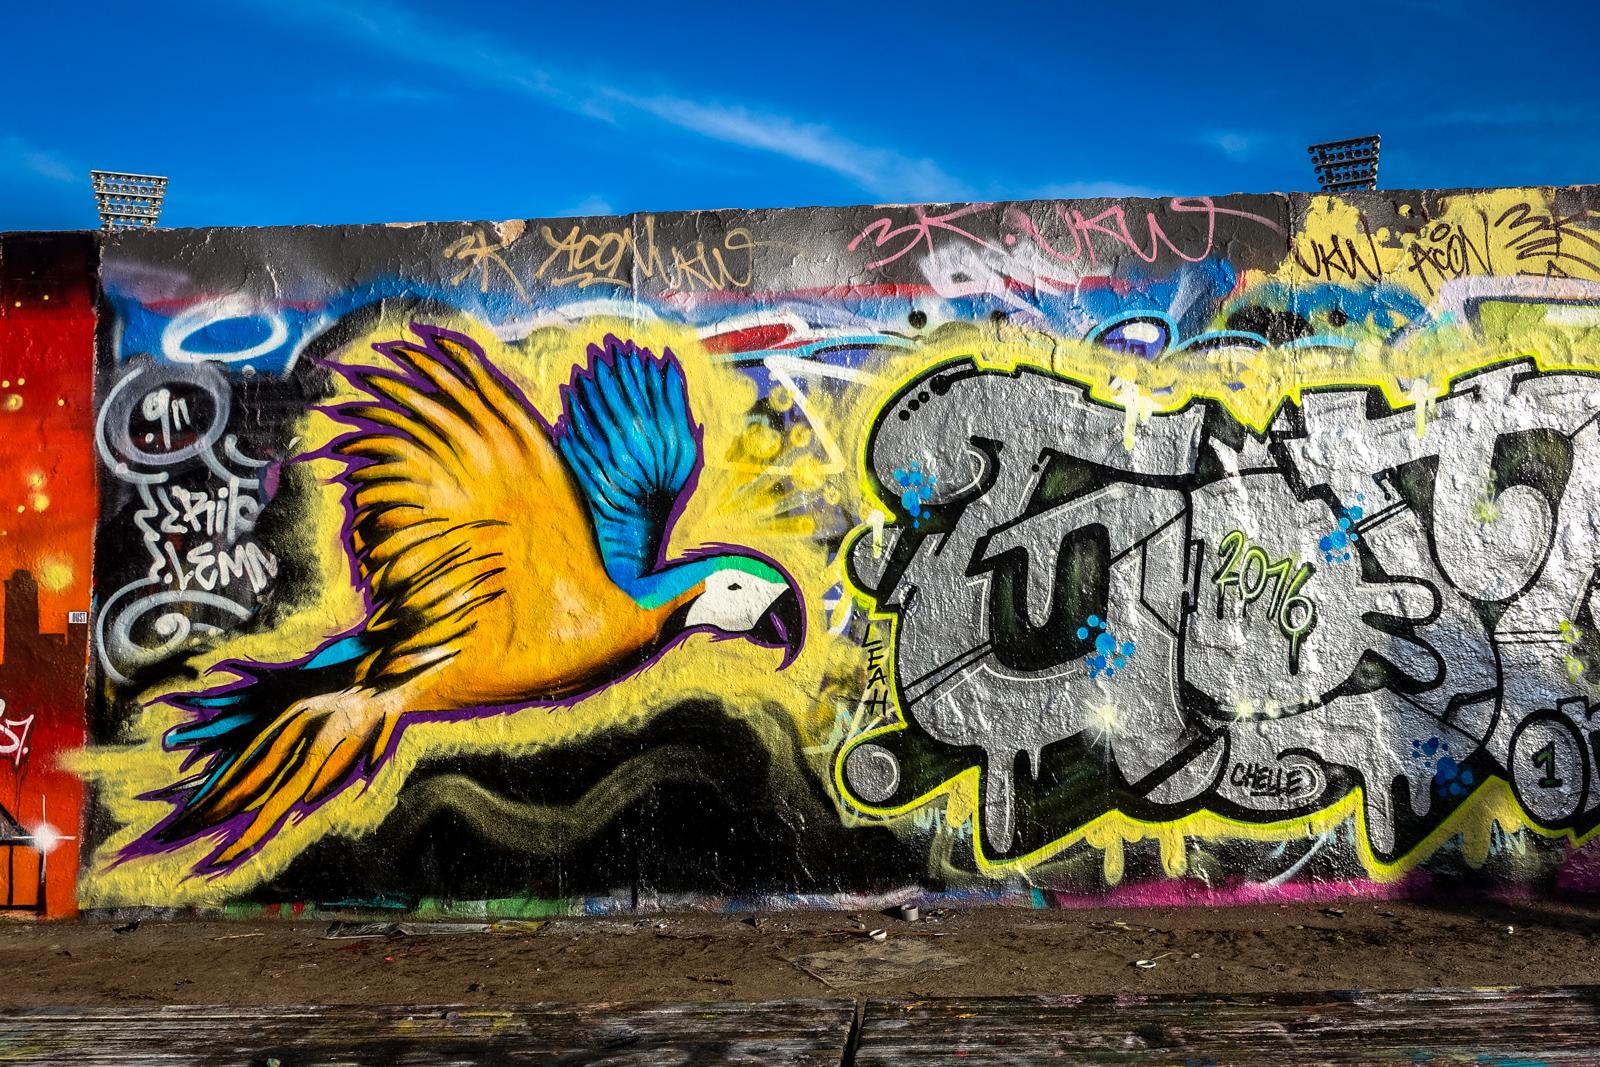 Grafiti wall berlin - Graffiti Mauerpark Berlin Graffiti Mauerpark Berlin